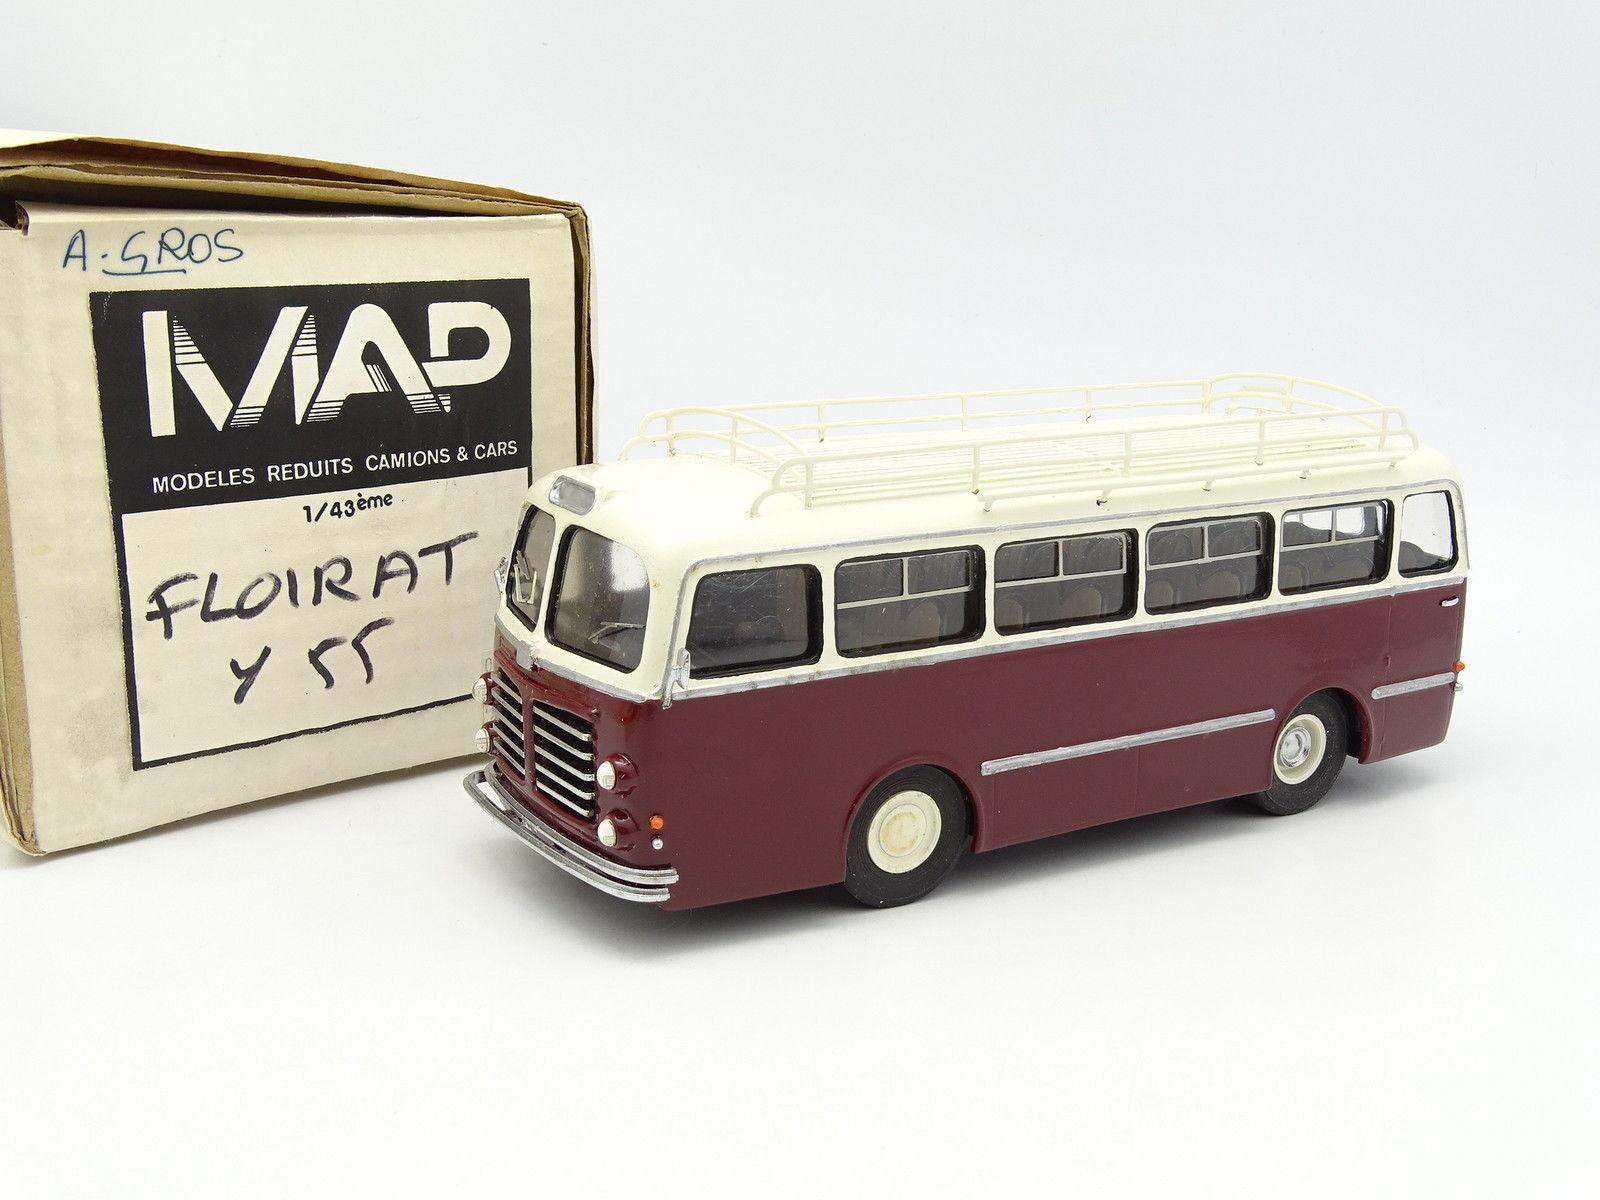 MAP Résine 1 43 - FLOIRAT Y55 Autocar 1956